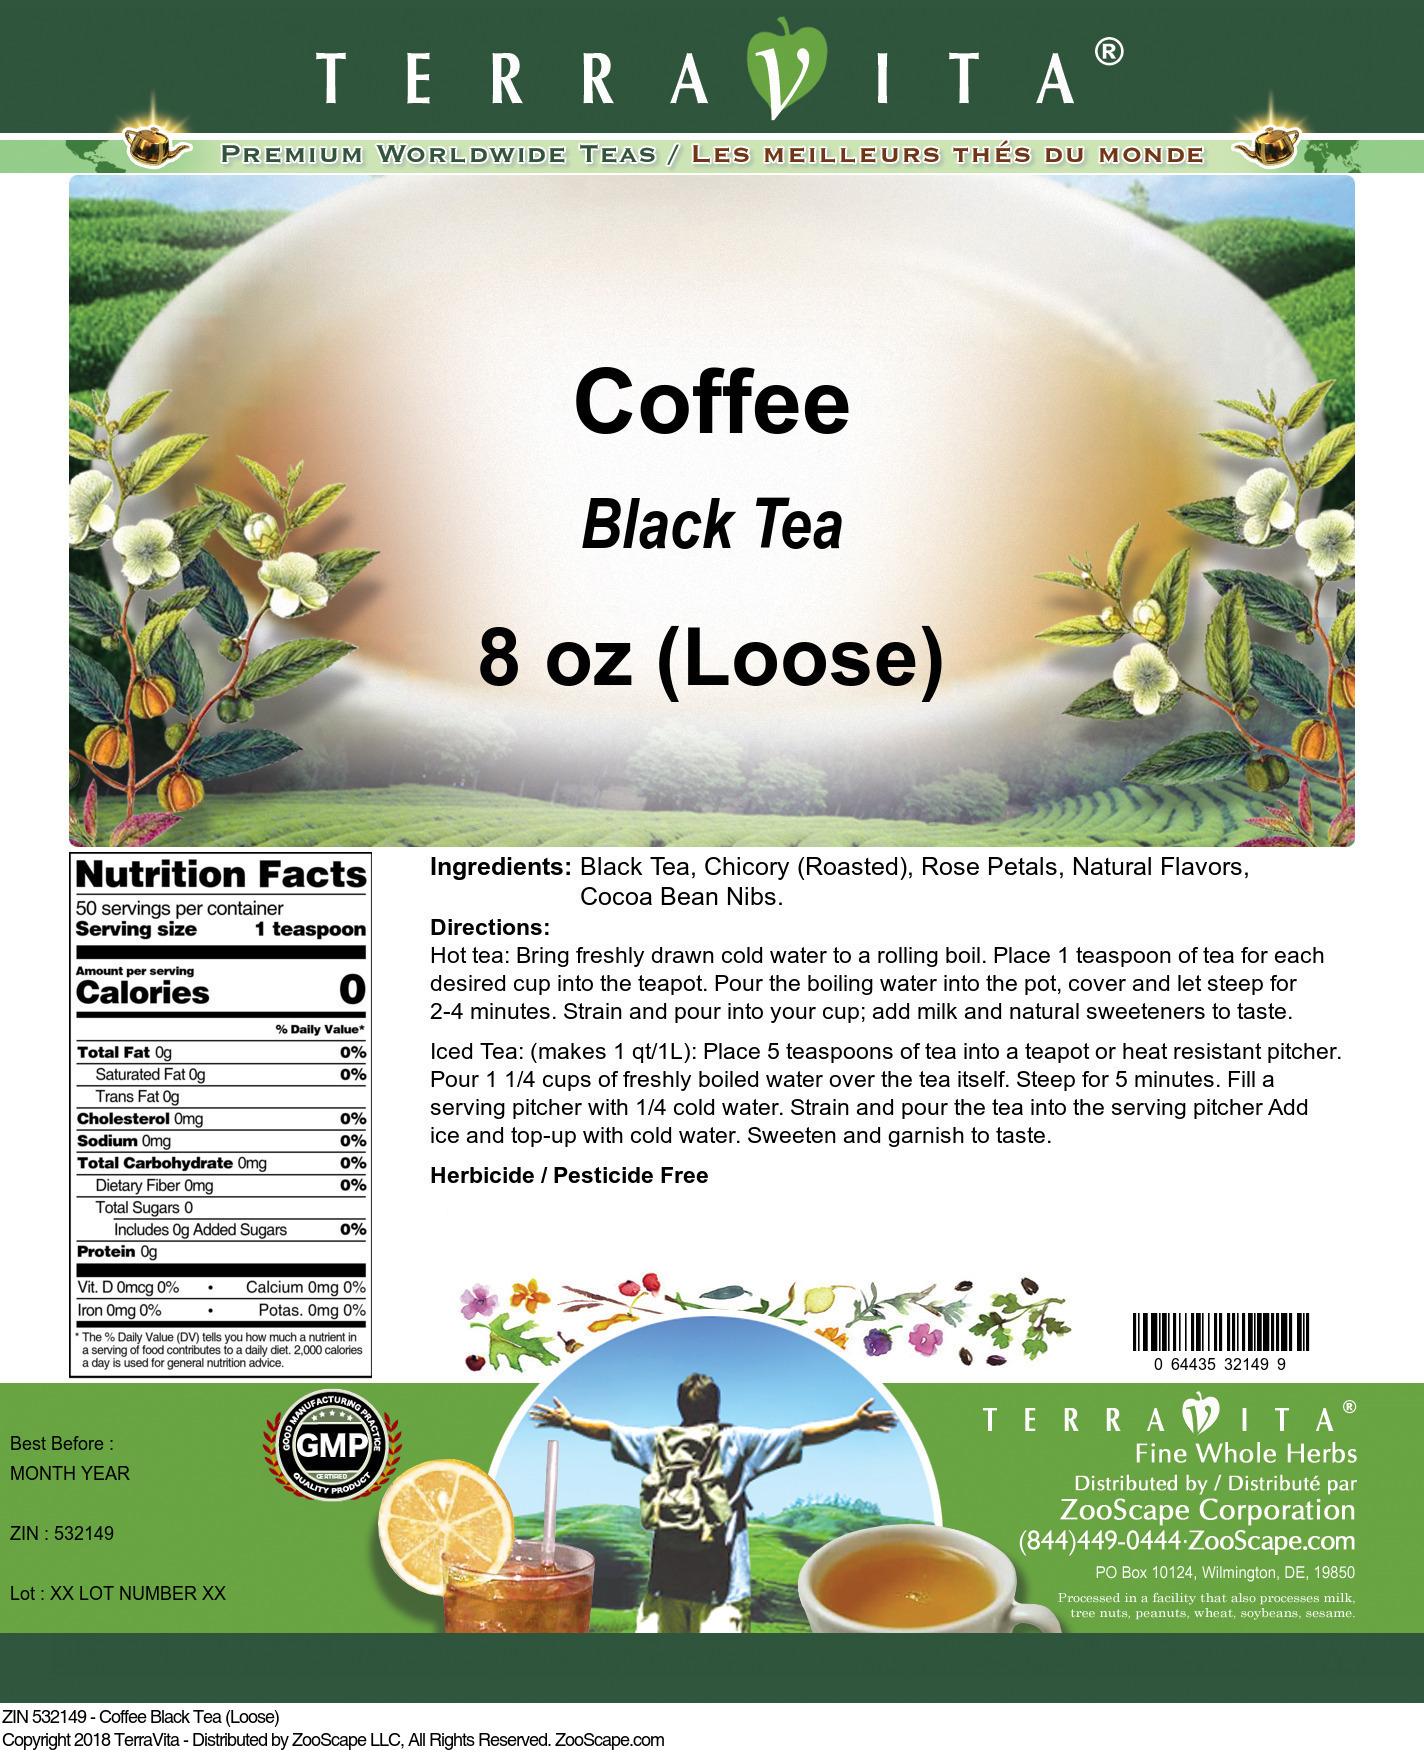 Coffee Black Tea (Loose)